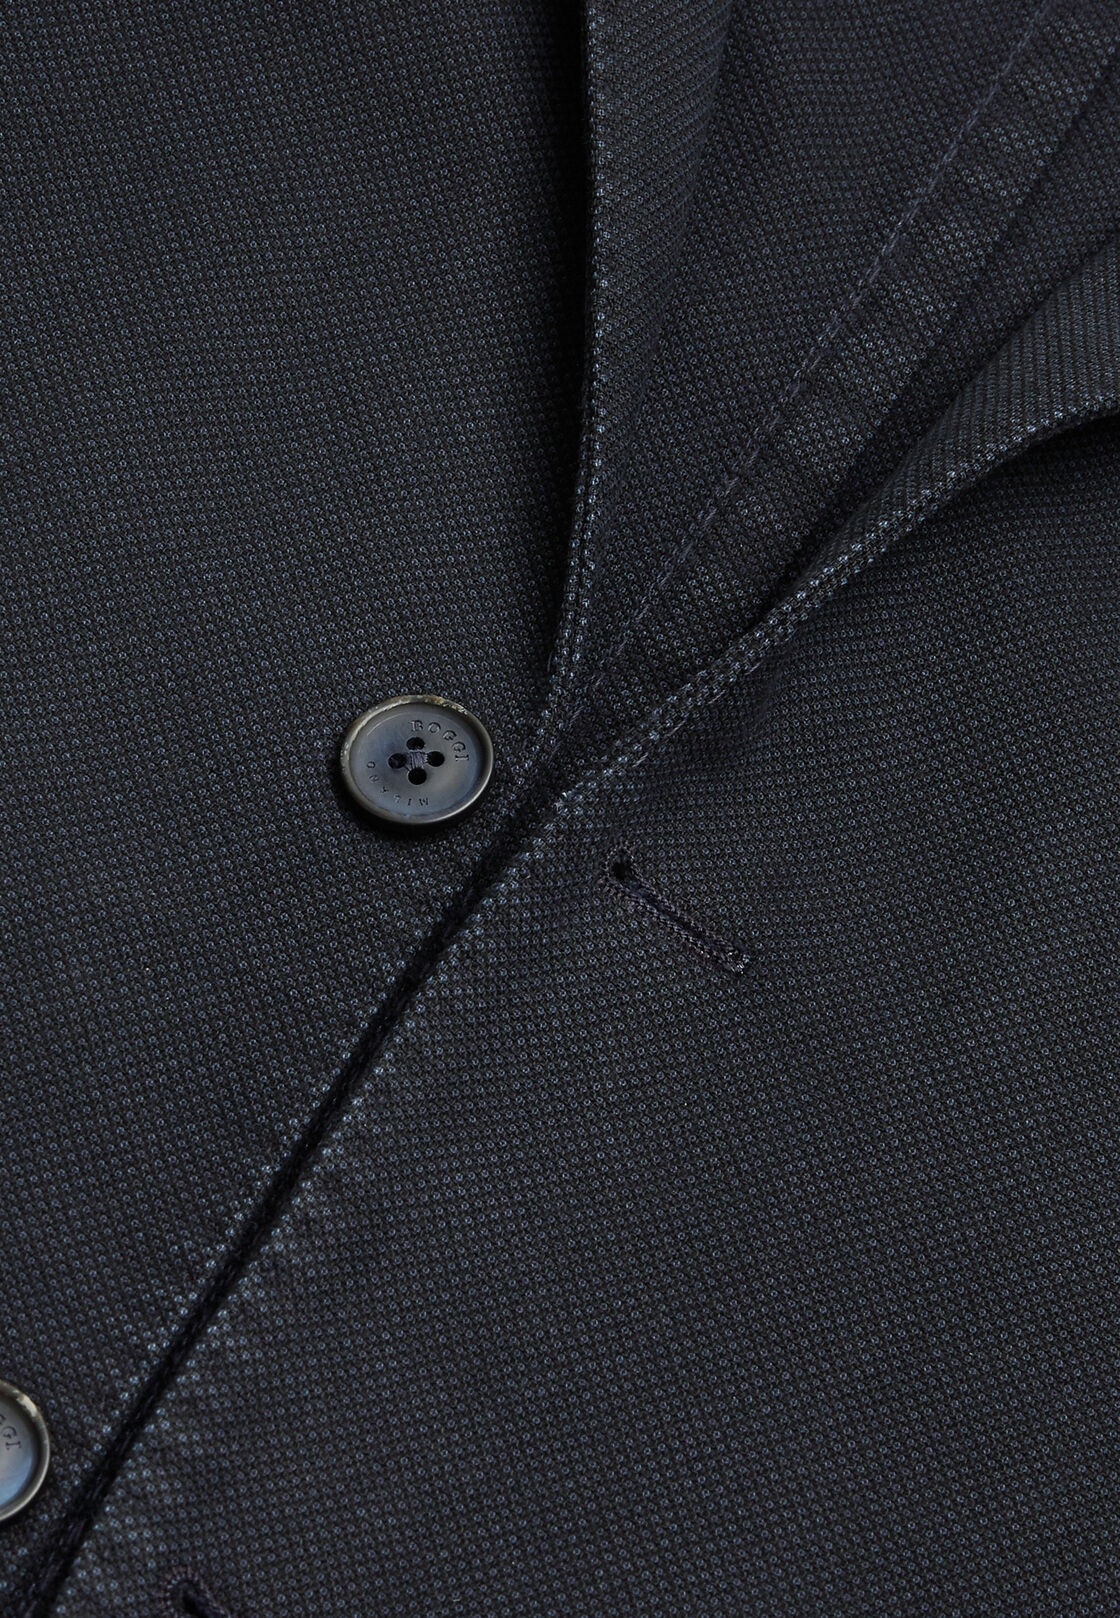 Marineblaue jacke aus gefärbter leinen-baumwolle, Navy blau, hi-res